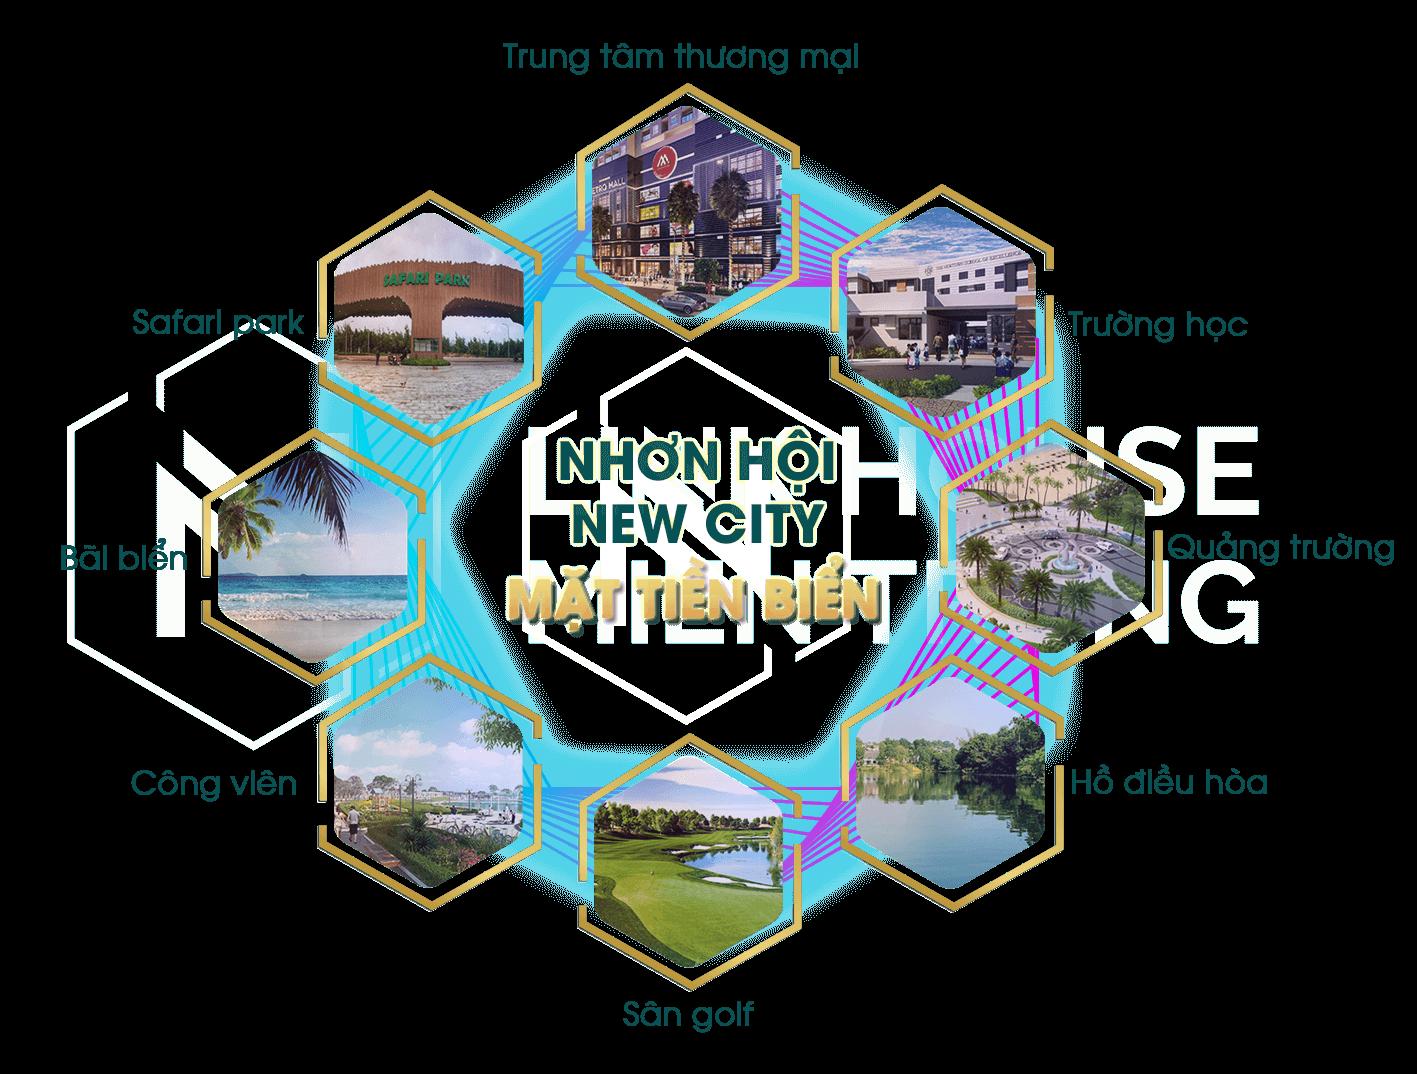 Dự án Nhơn hội newcity - phân khu 2 và phân khu 4